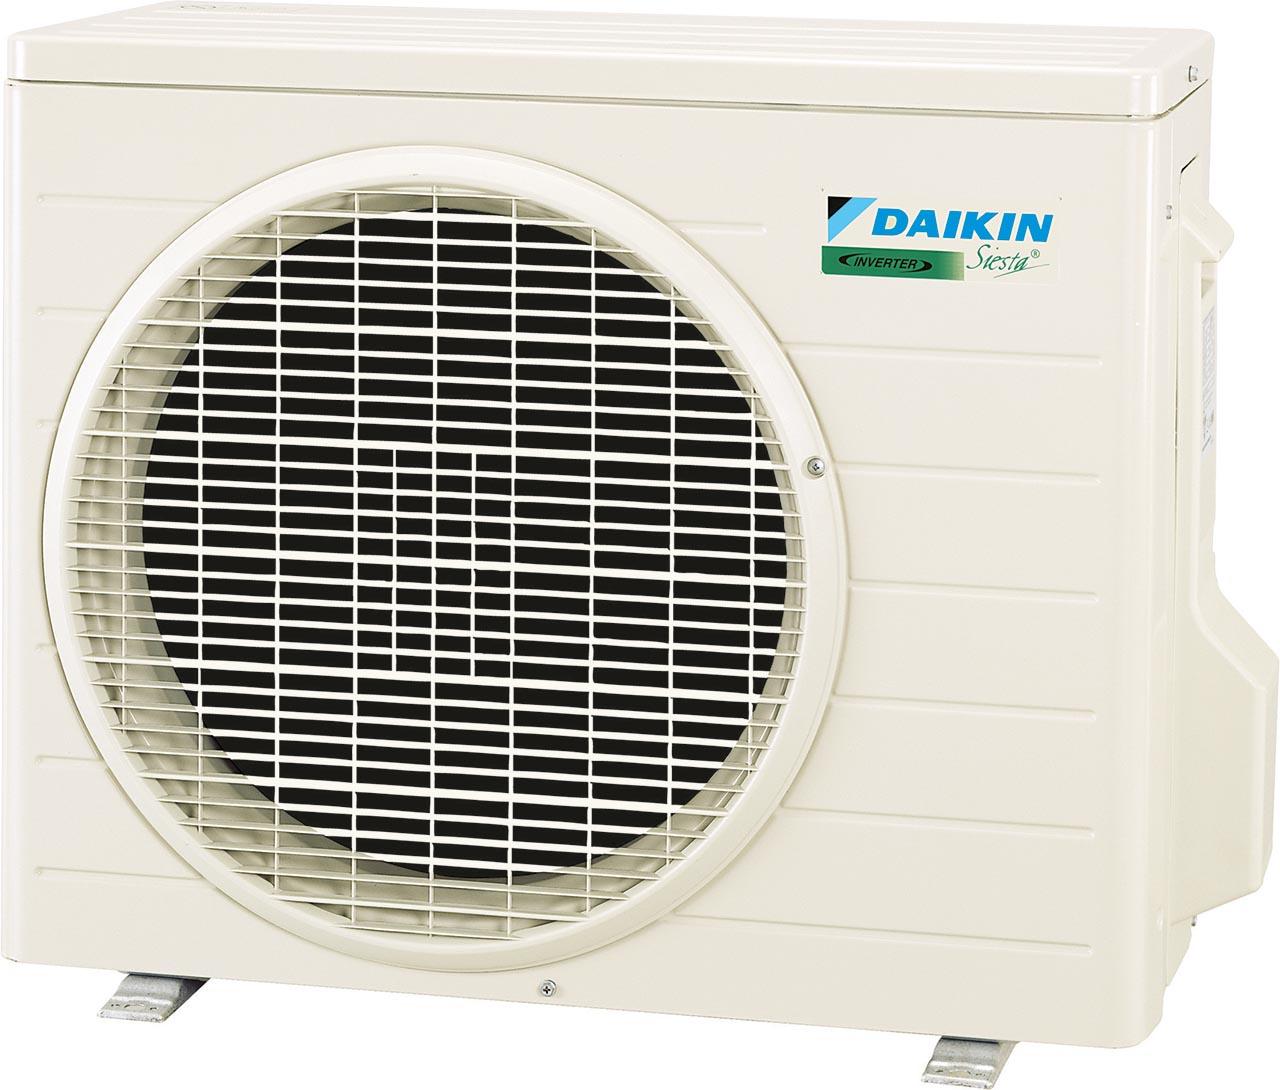 Produktsuche | Daikin